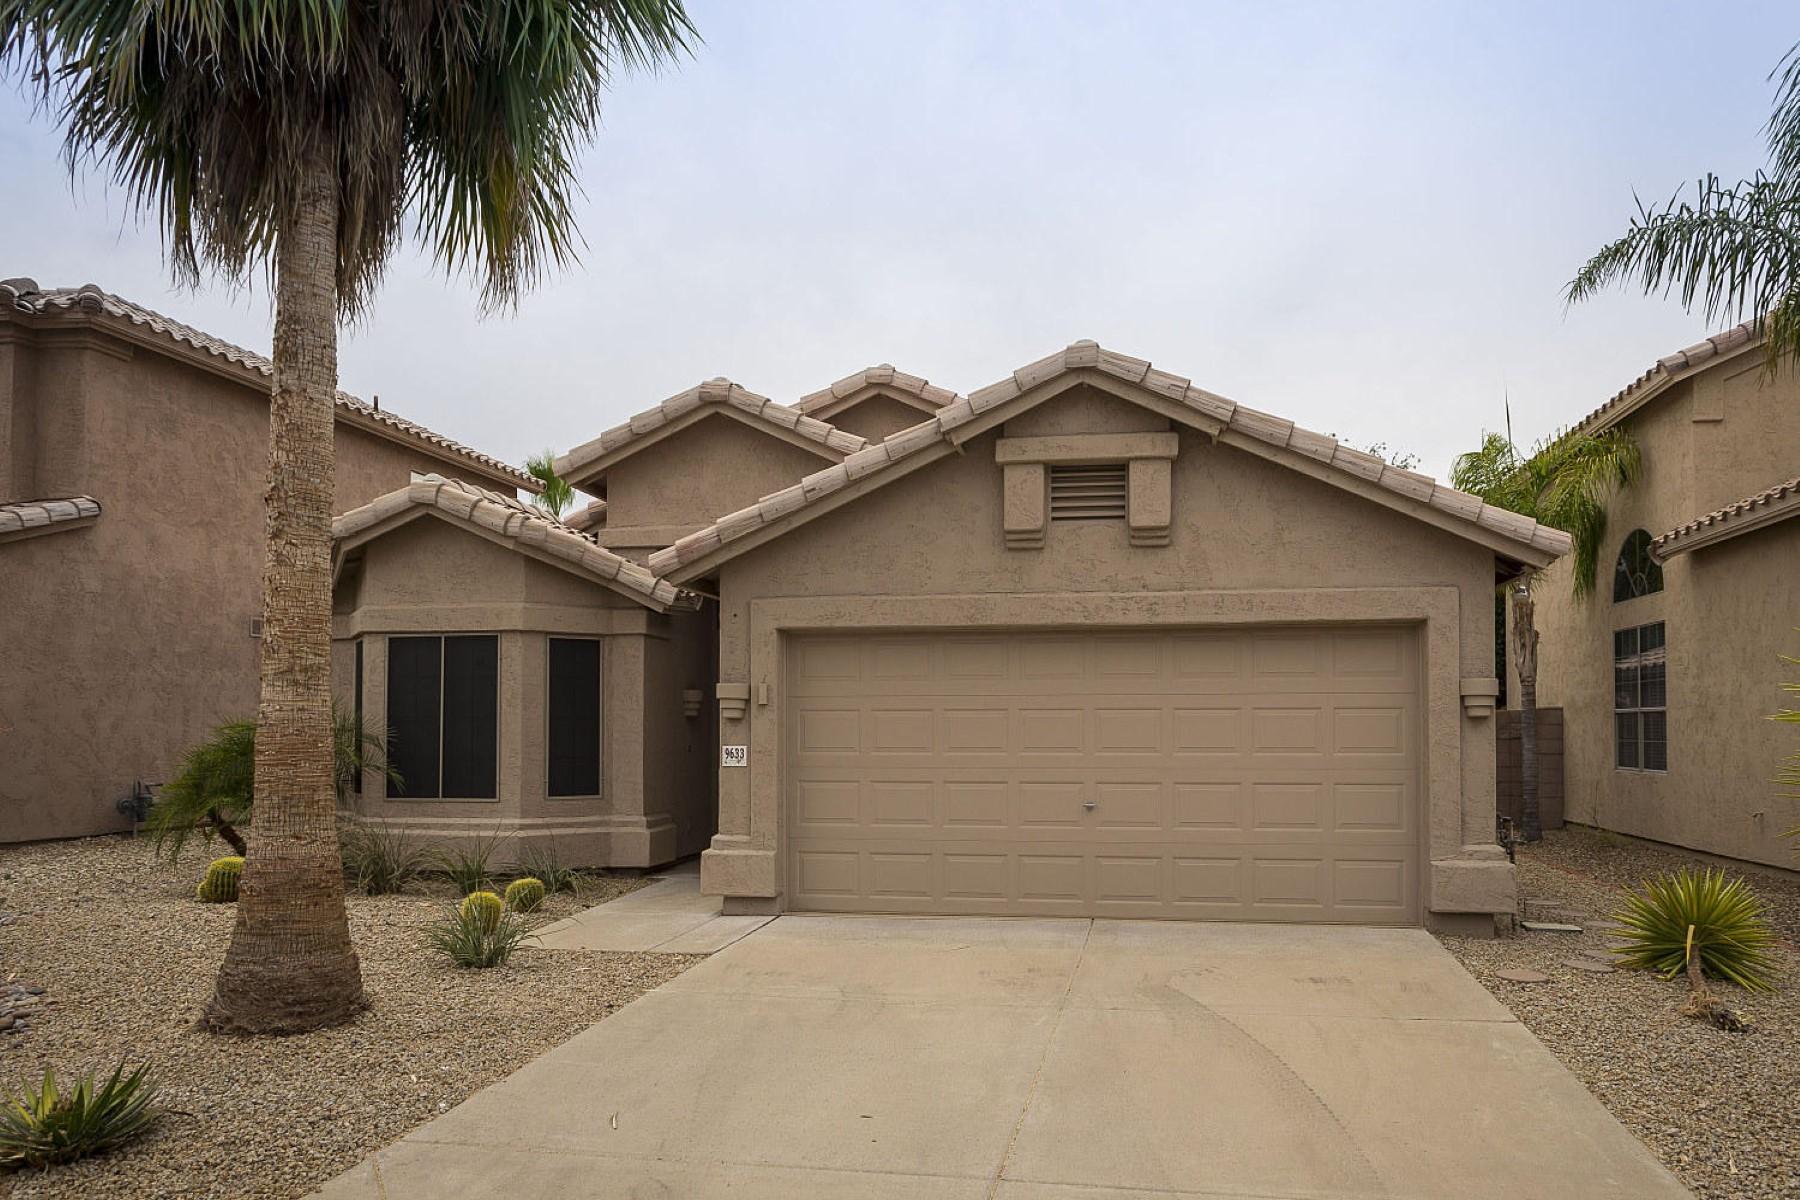 独户住宅 为 销售 在 A must see fabulous remodel 9633 E FRIESS DR Scottsdale, 亚利桑那州 85260 美国